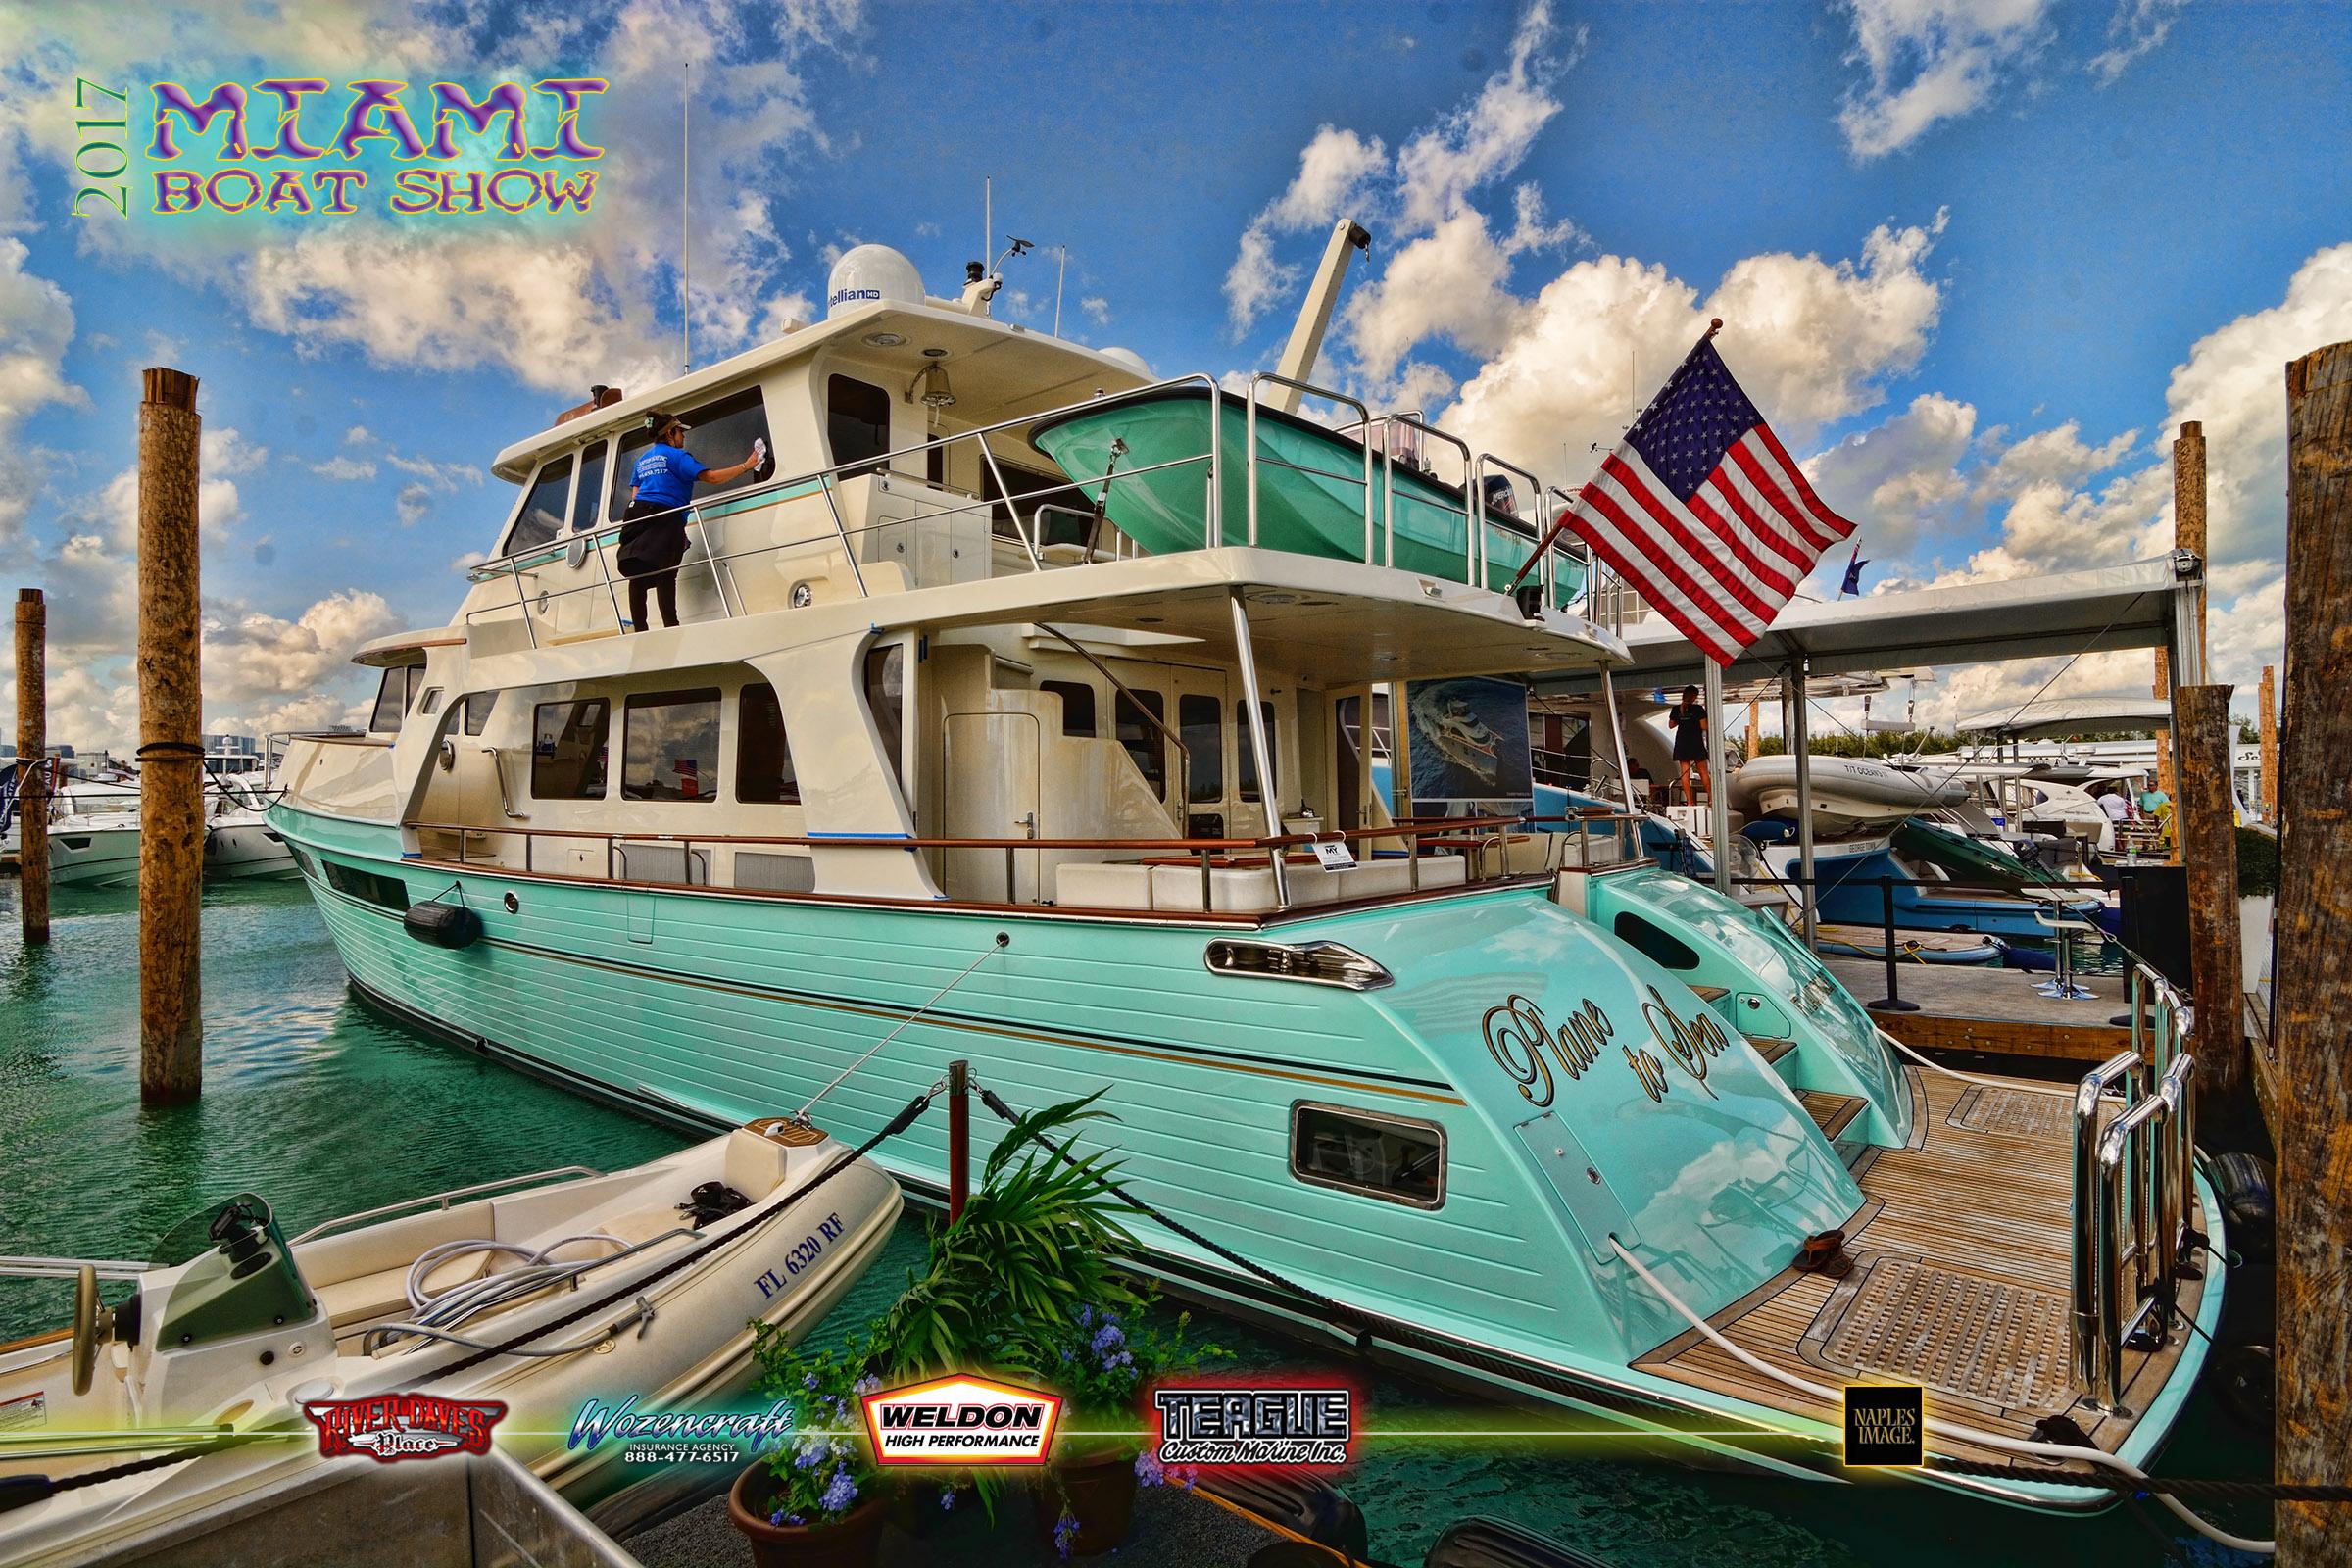 2017 miami boat show page 10 - Miami boat show ...